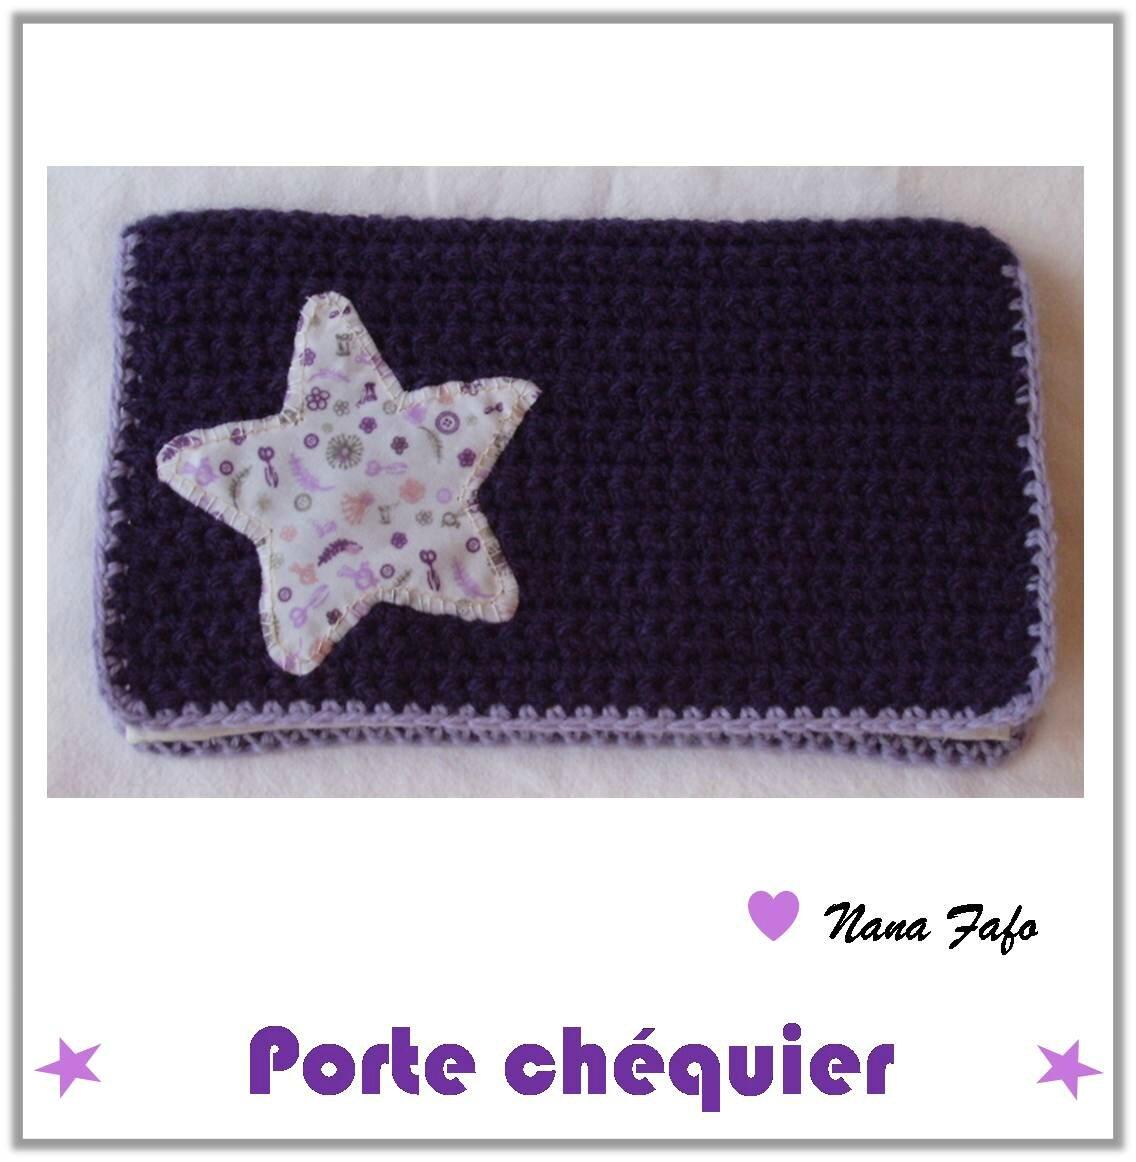 portechequier02